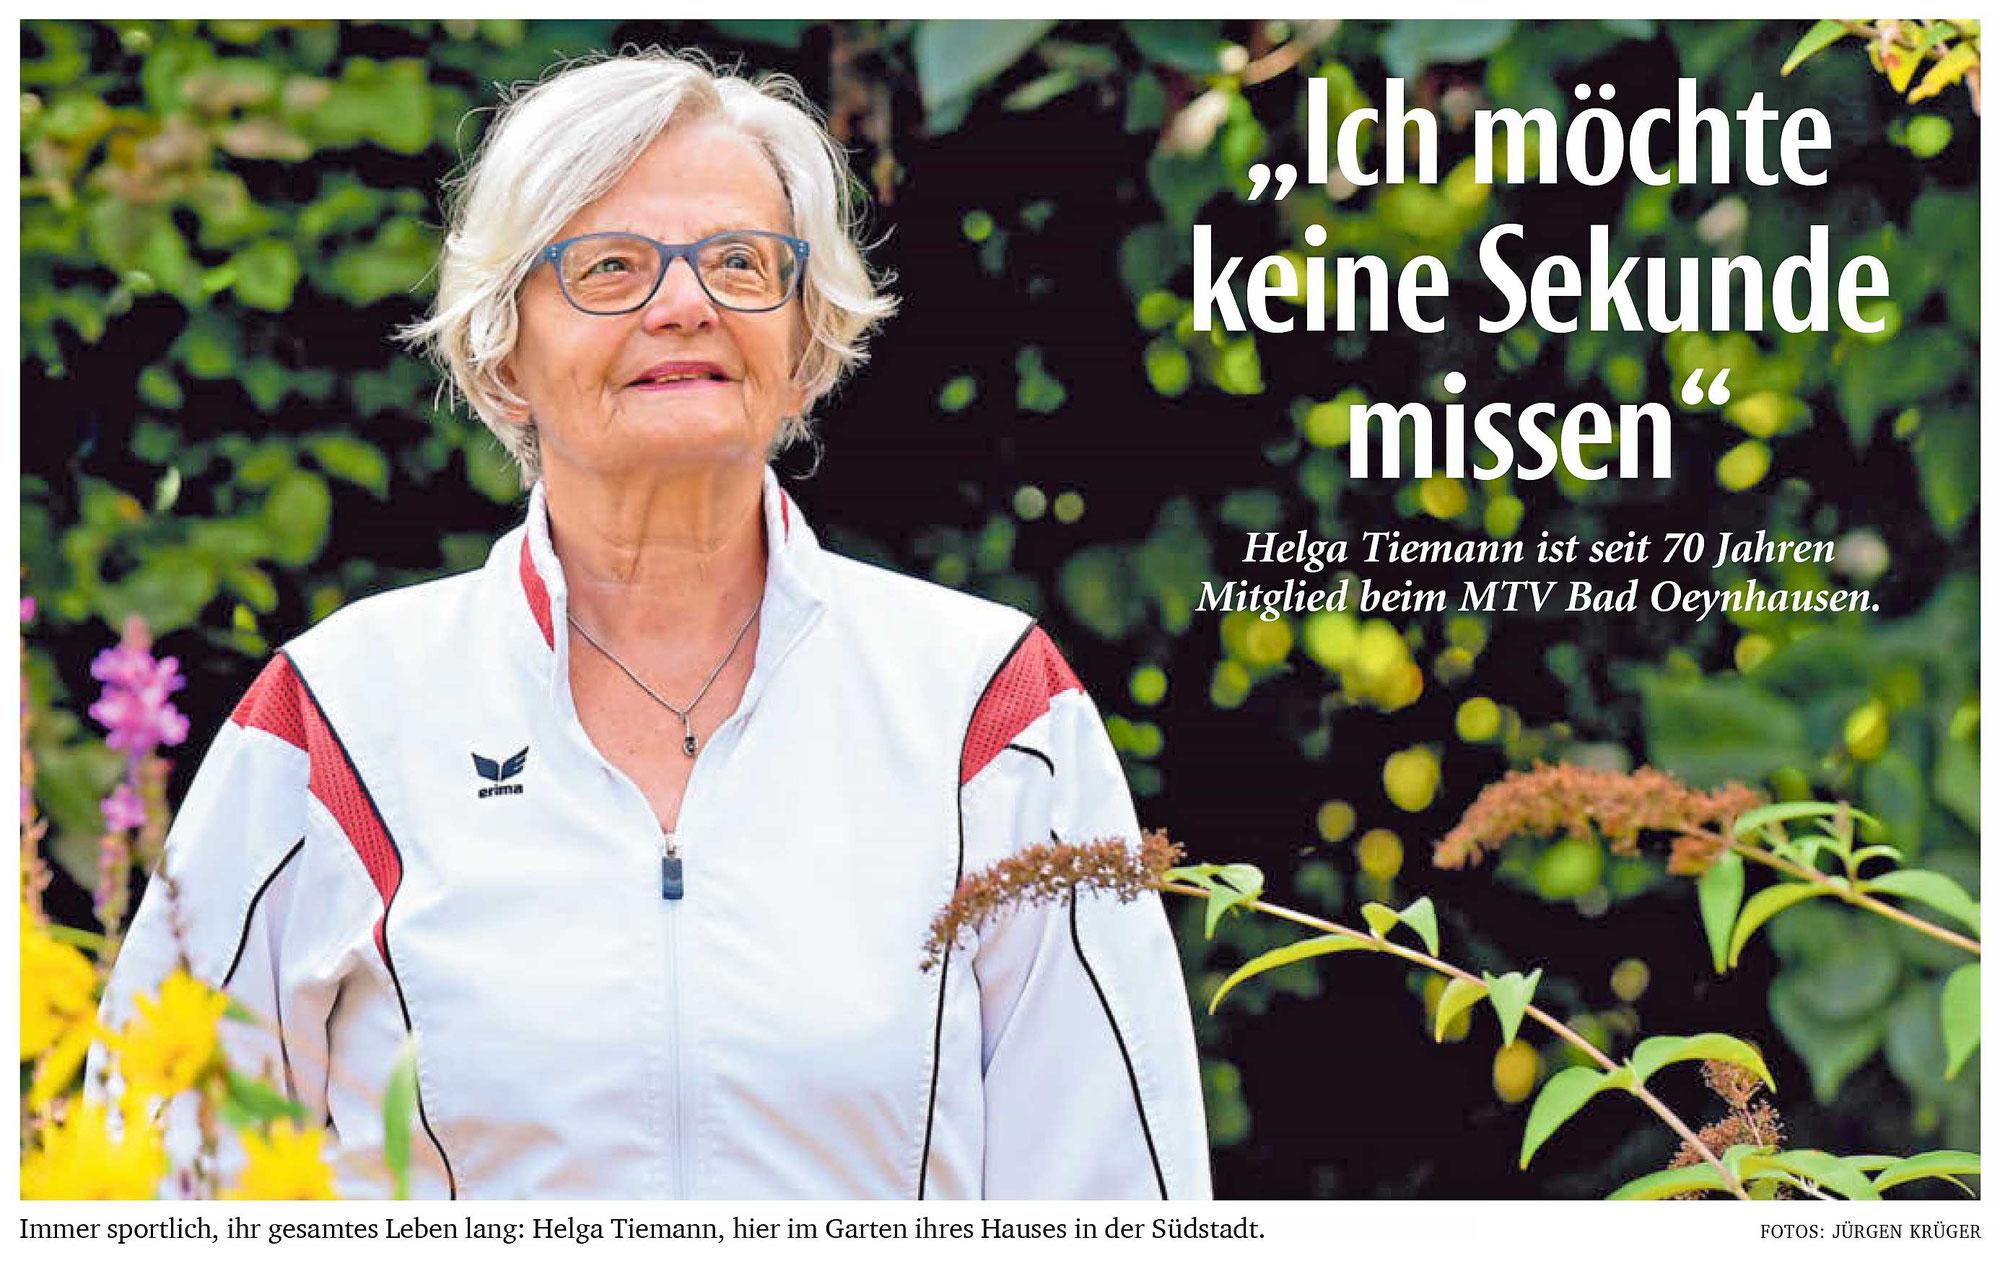 NW-Artikel: Helga Tiemann ist seit 70 Jahren Mitglied beim MTV Bad Oeynhausen ...